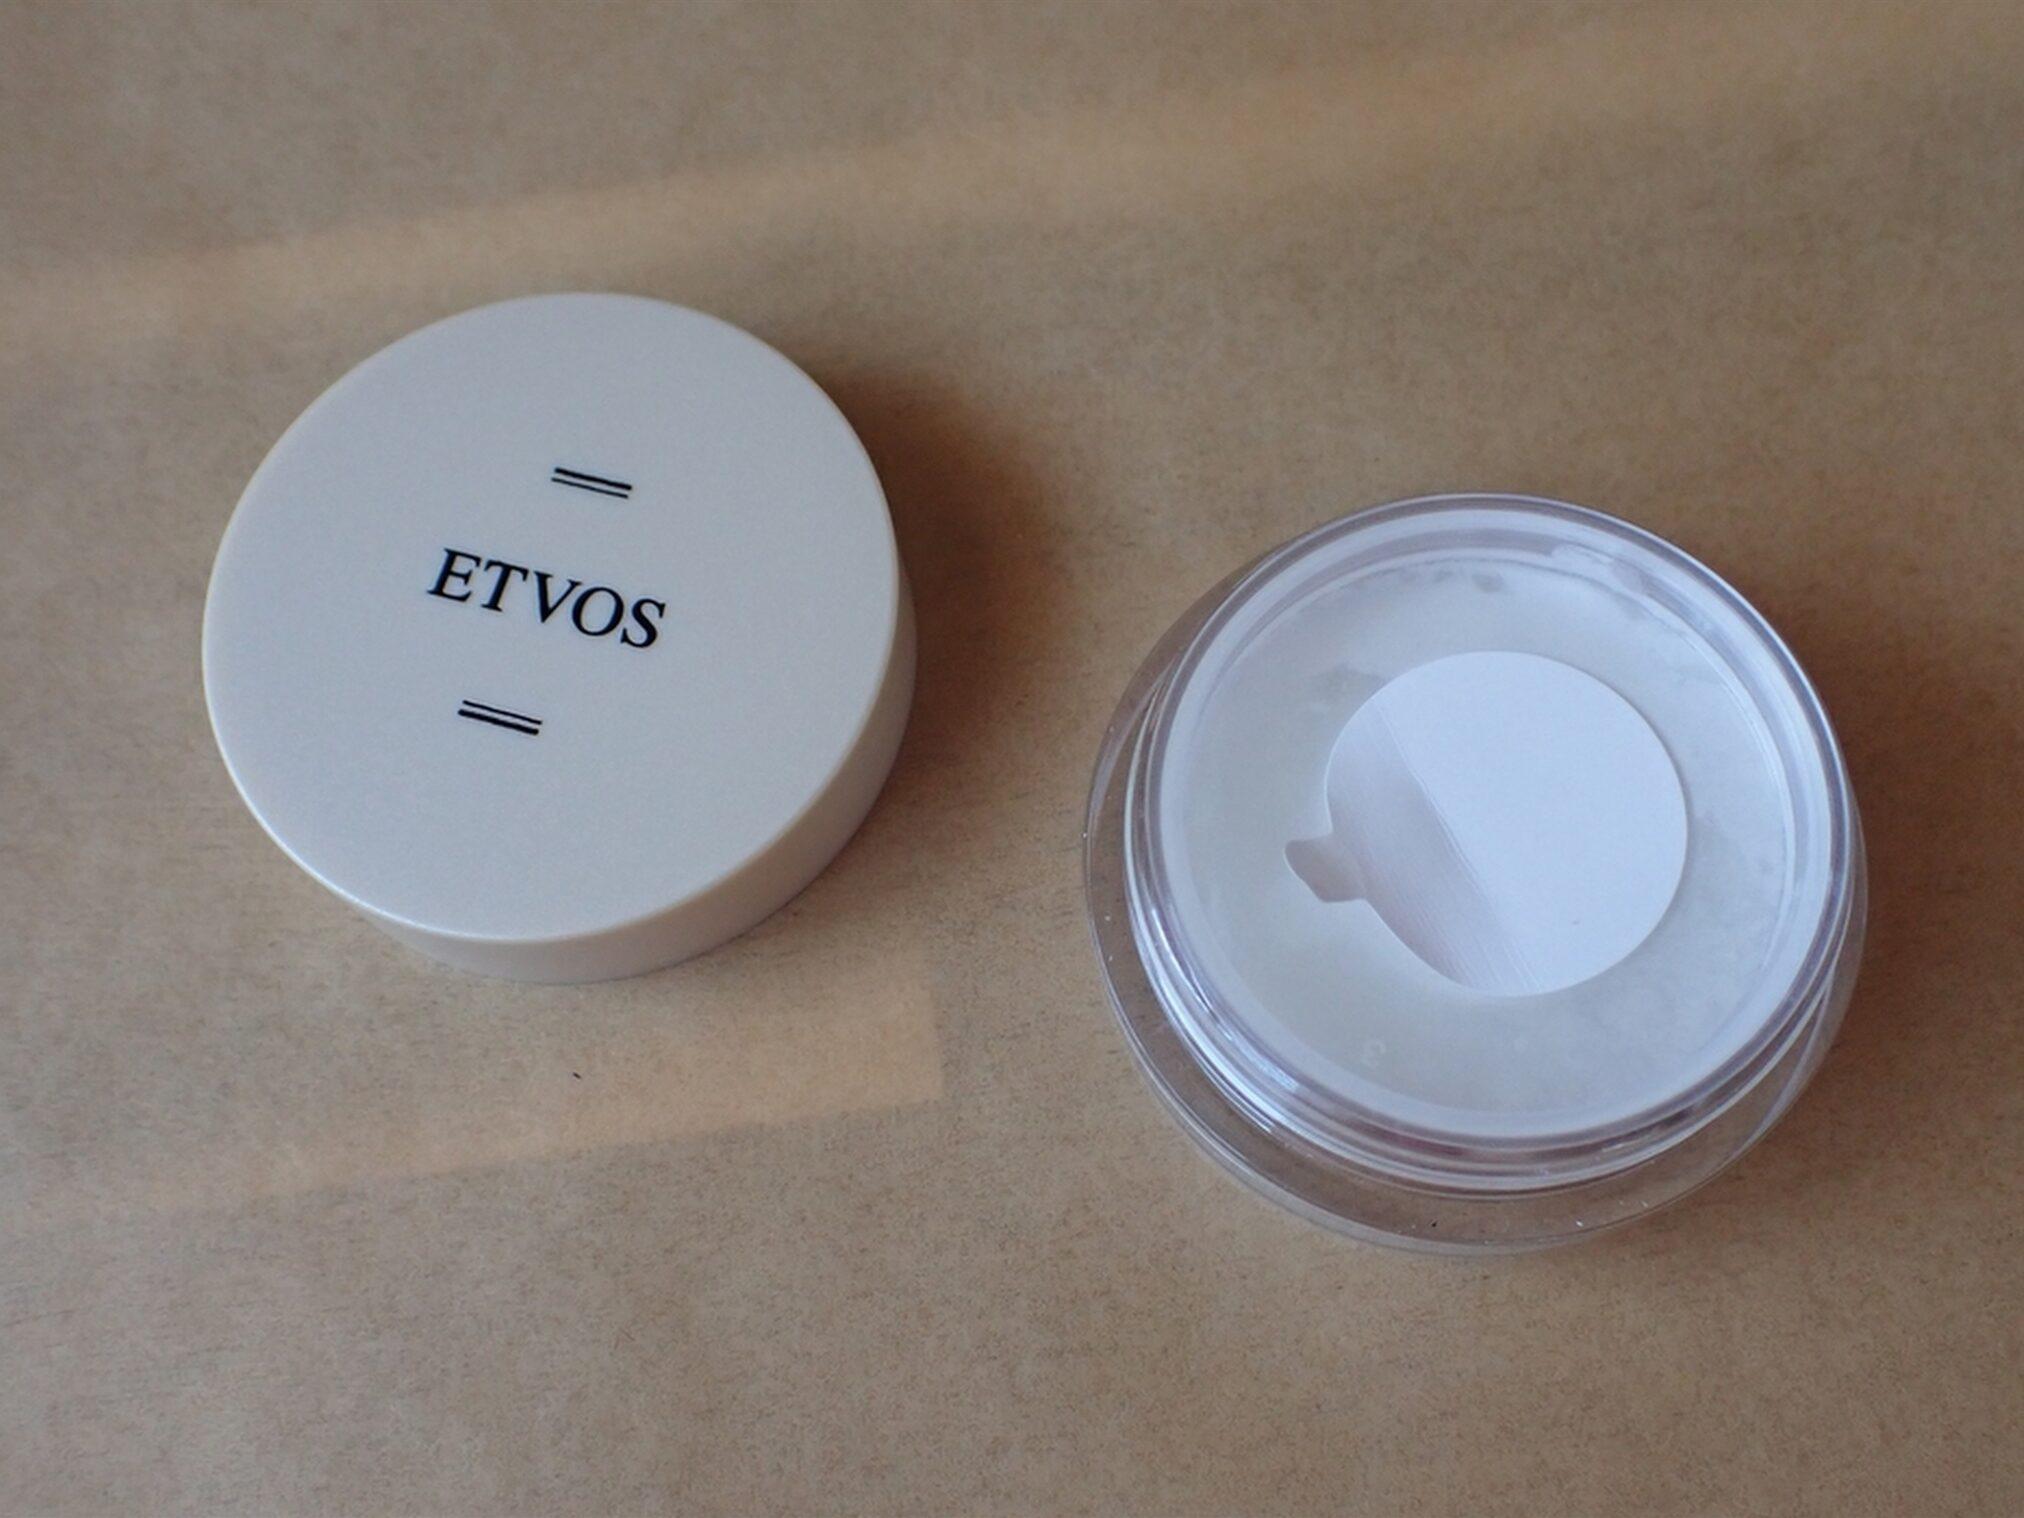 エトヴォス ETVOS パーフェクトキット ナイトミネラルファンデーション 1g 内蓋の白いシールをはがしてから使い始めます